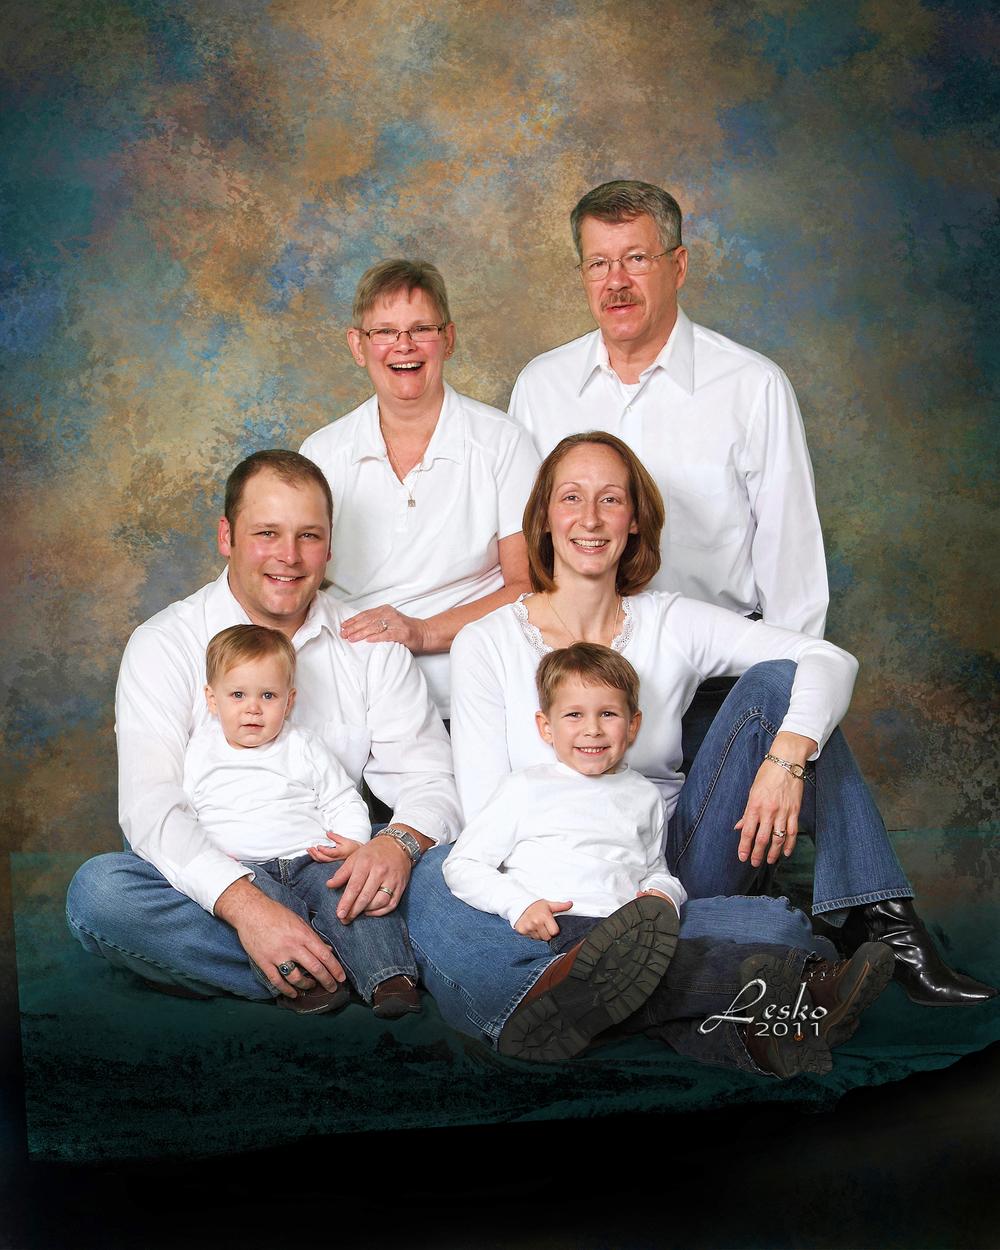 lesko_family_07.jpg